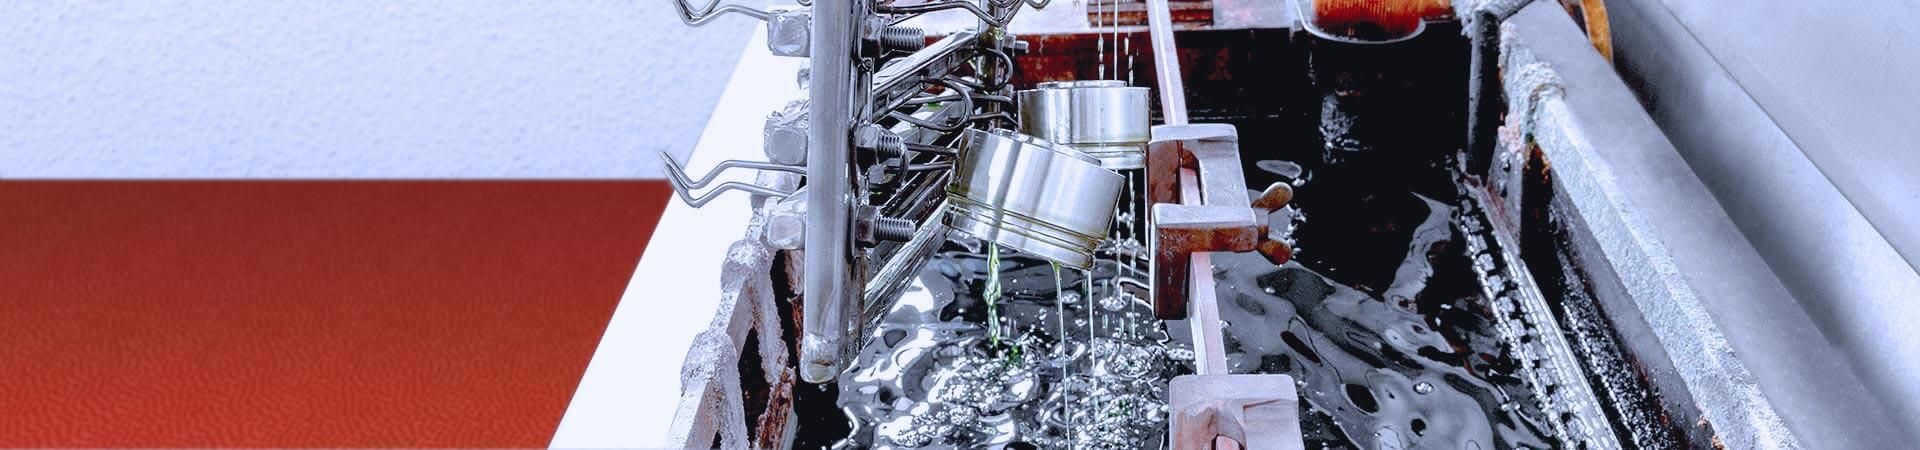 Elektropolieren in einem Ölbad